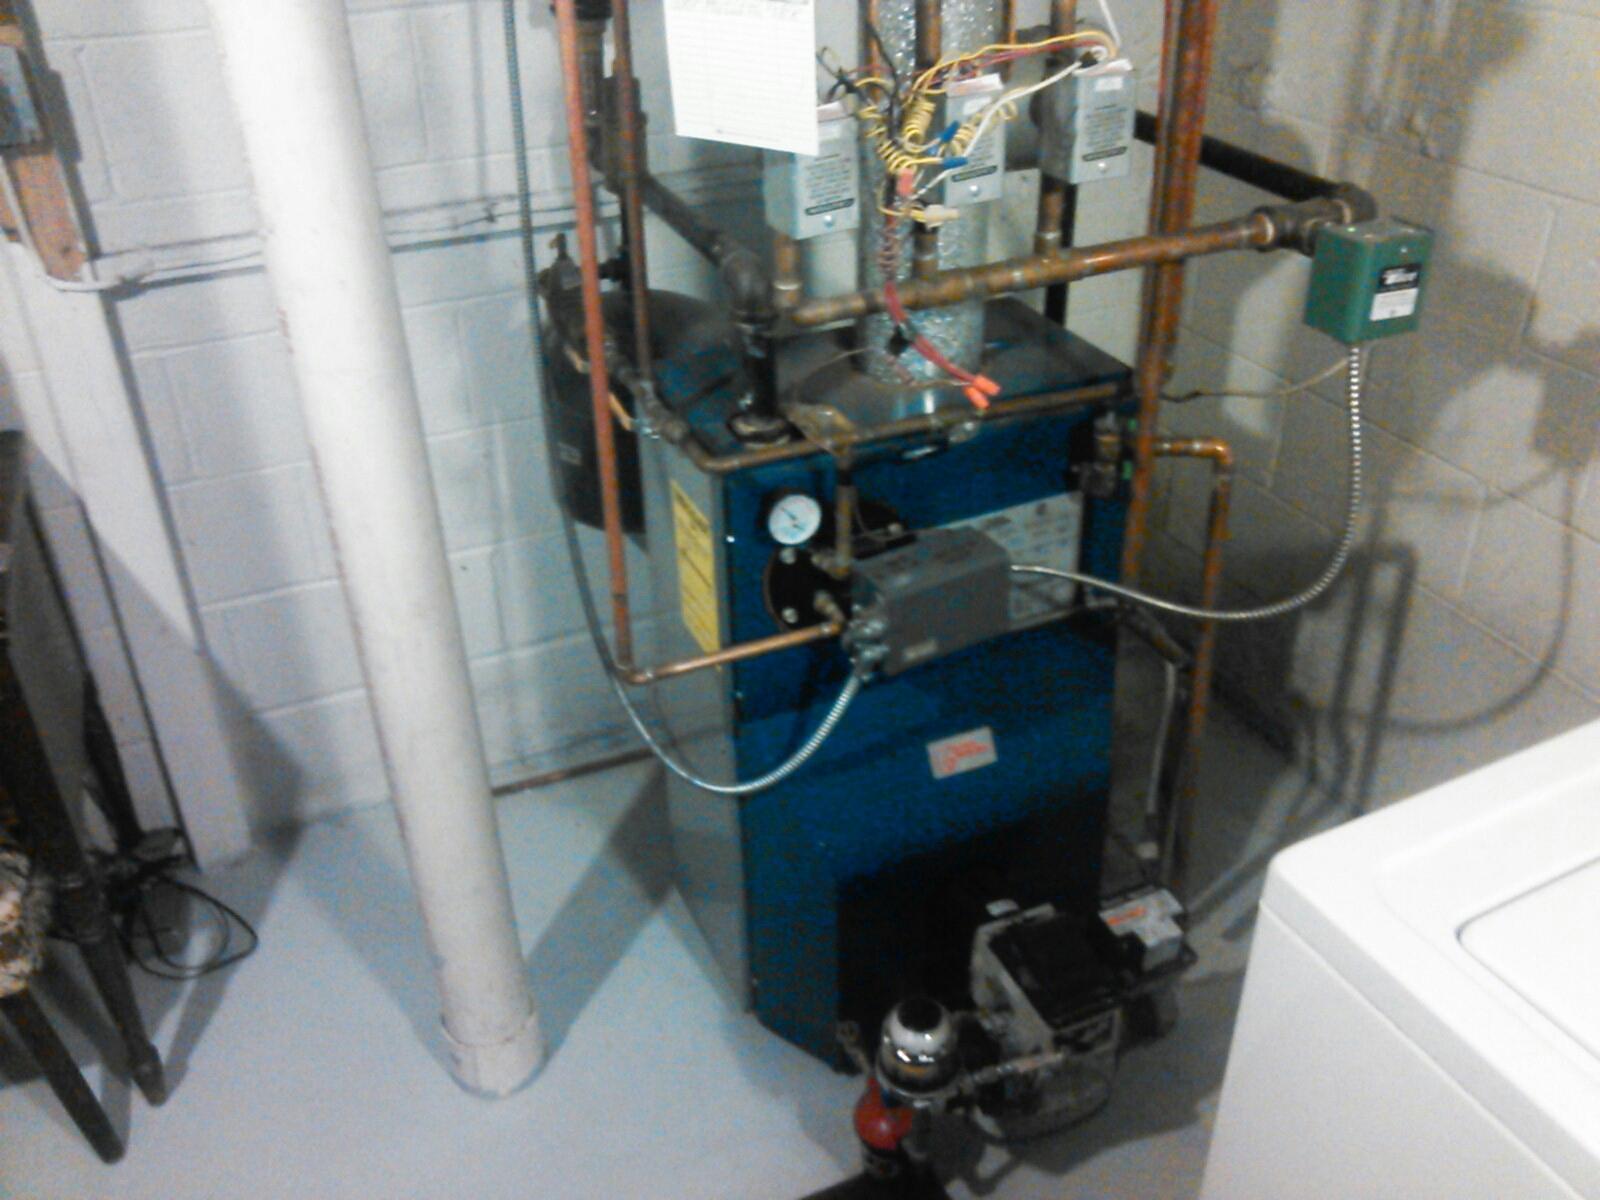 Boiler Repair Utica Wiring Diagram Images Of Gas Service Manual